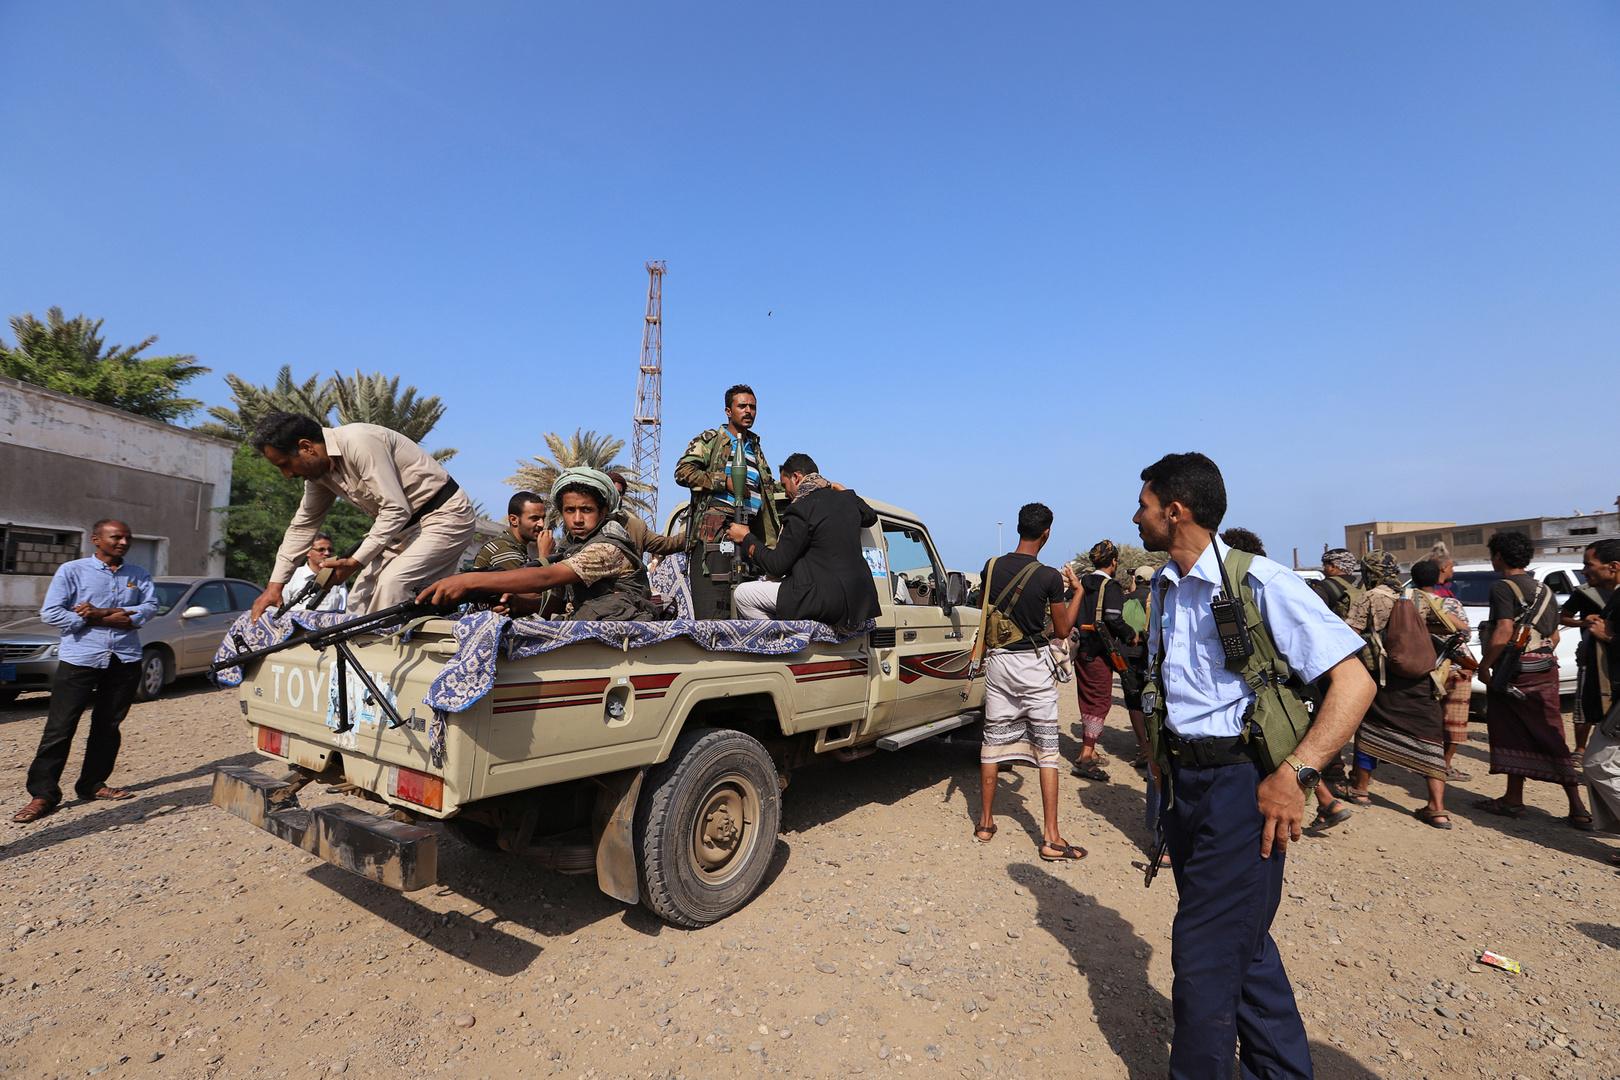 استئناف المفاوضات بين الفرقاء اليمنيين حول تطبيق اتفاق الحديدة